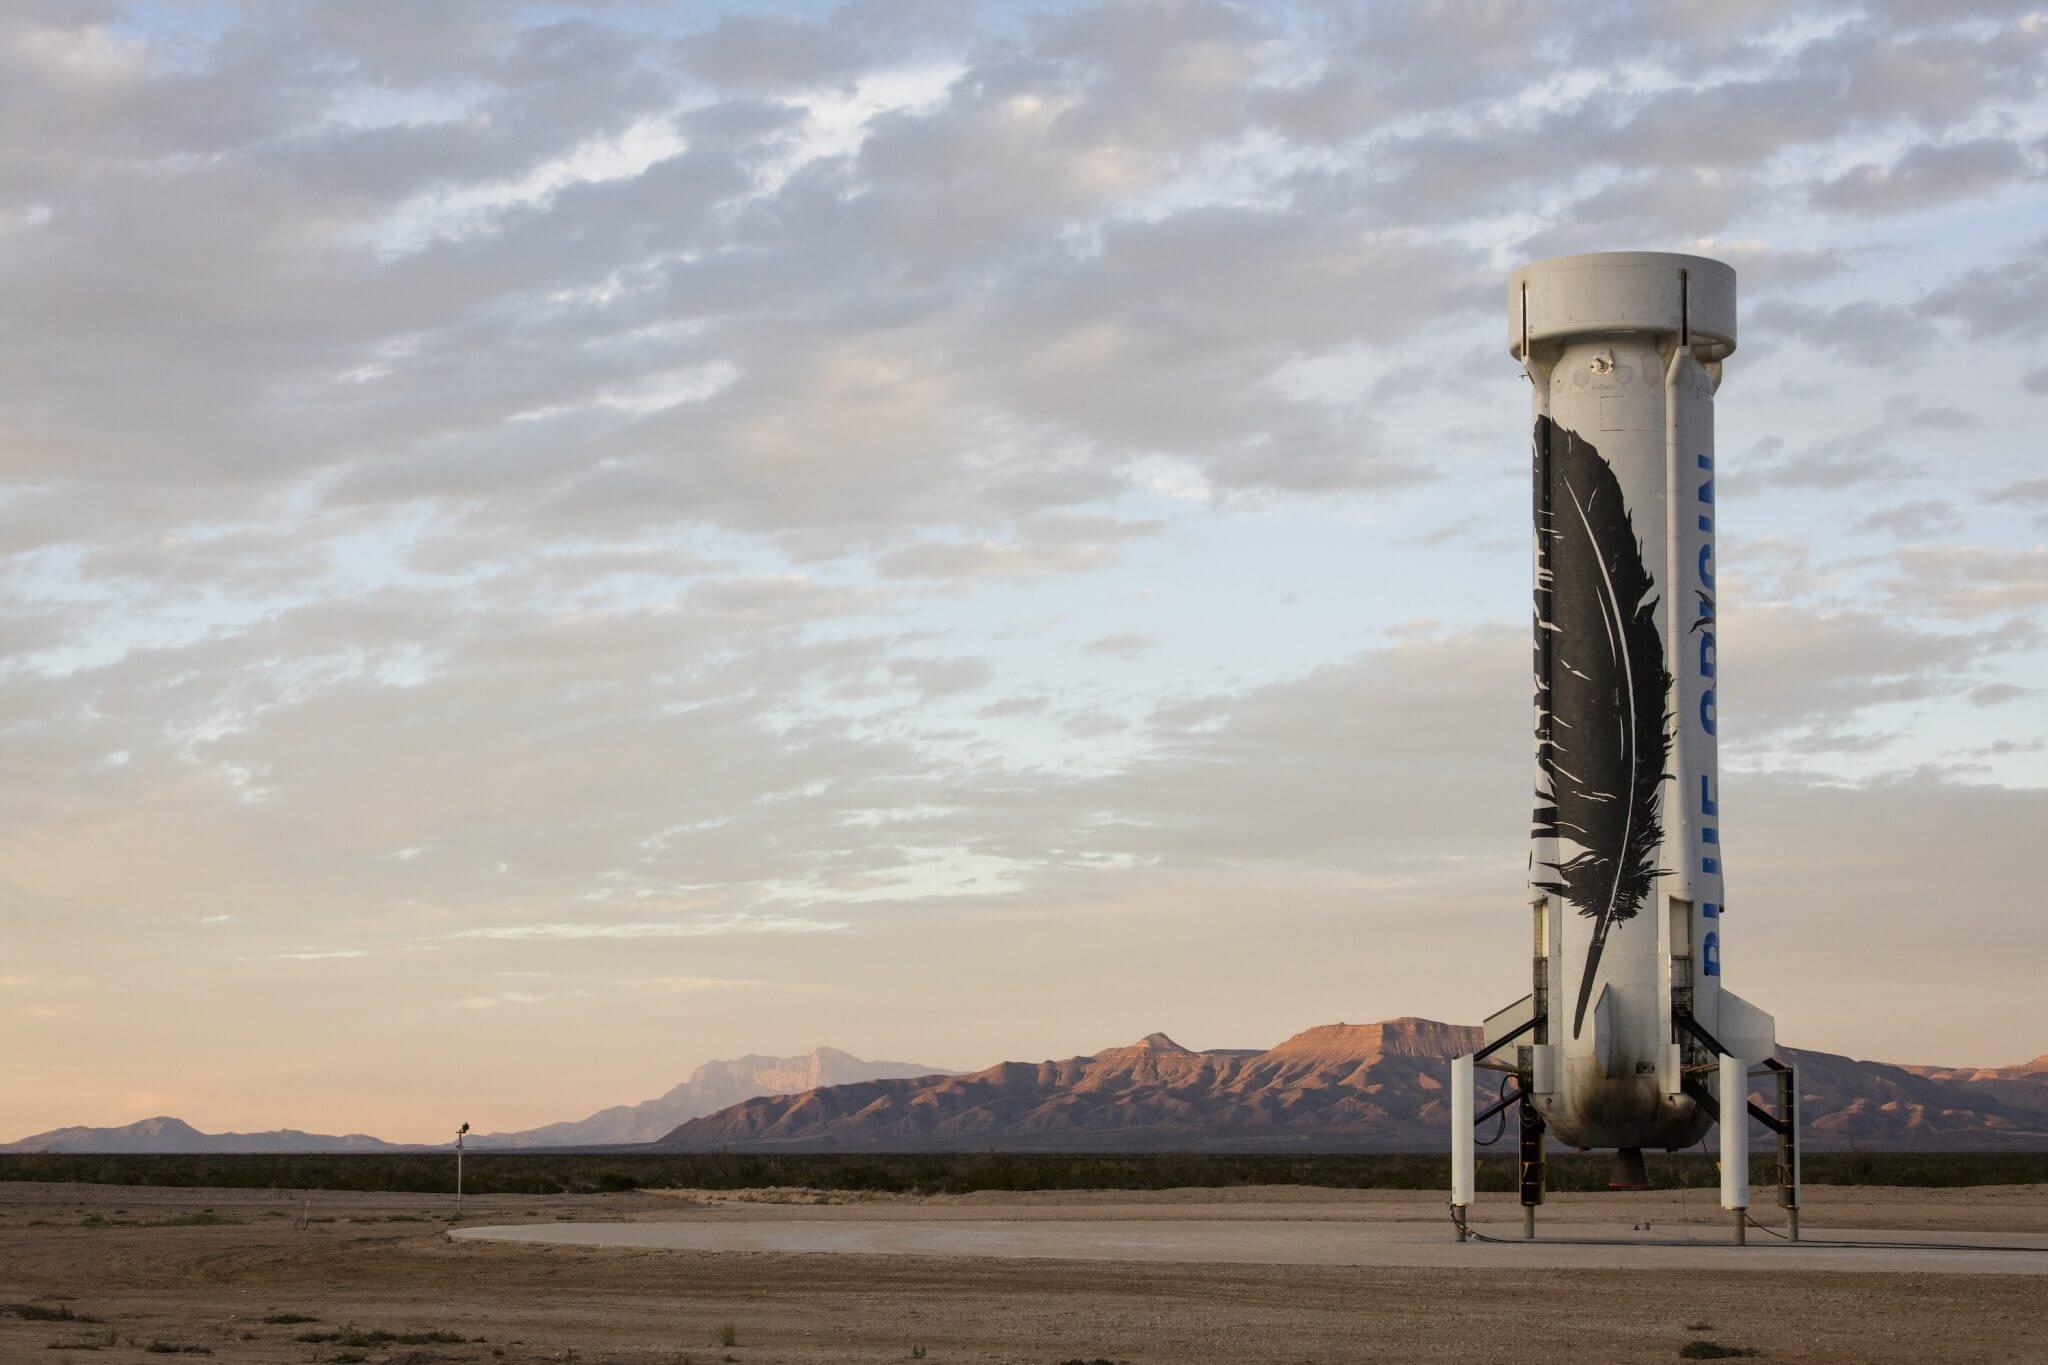 Foguete de Jeff Bezos sai na frente na batalha da Corrida Espacial do século XXI